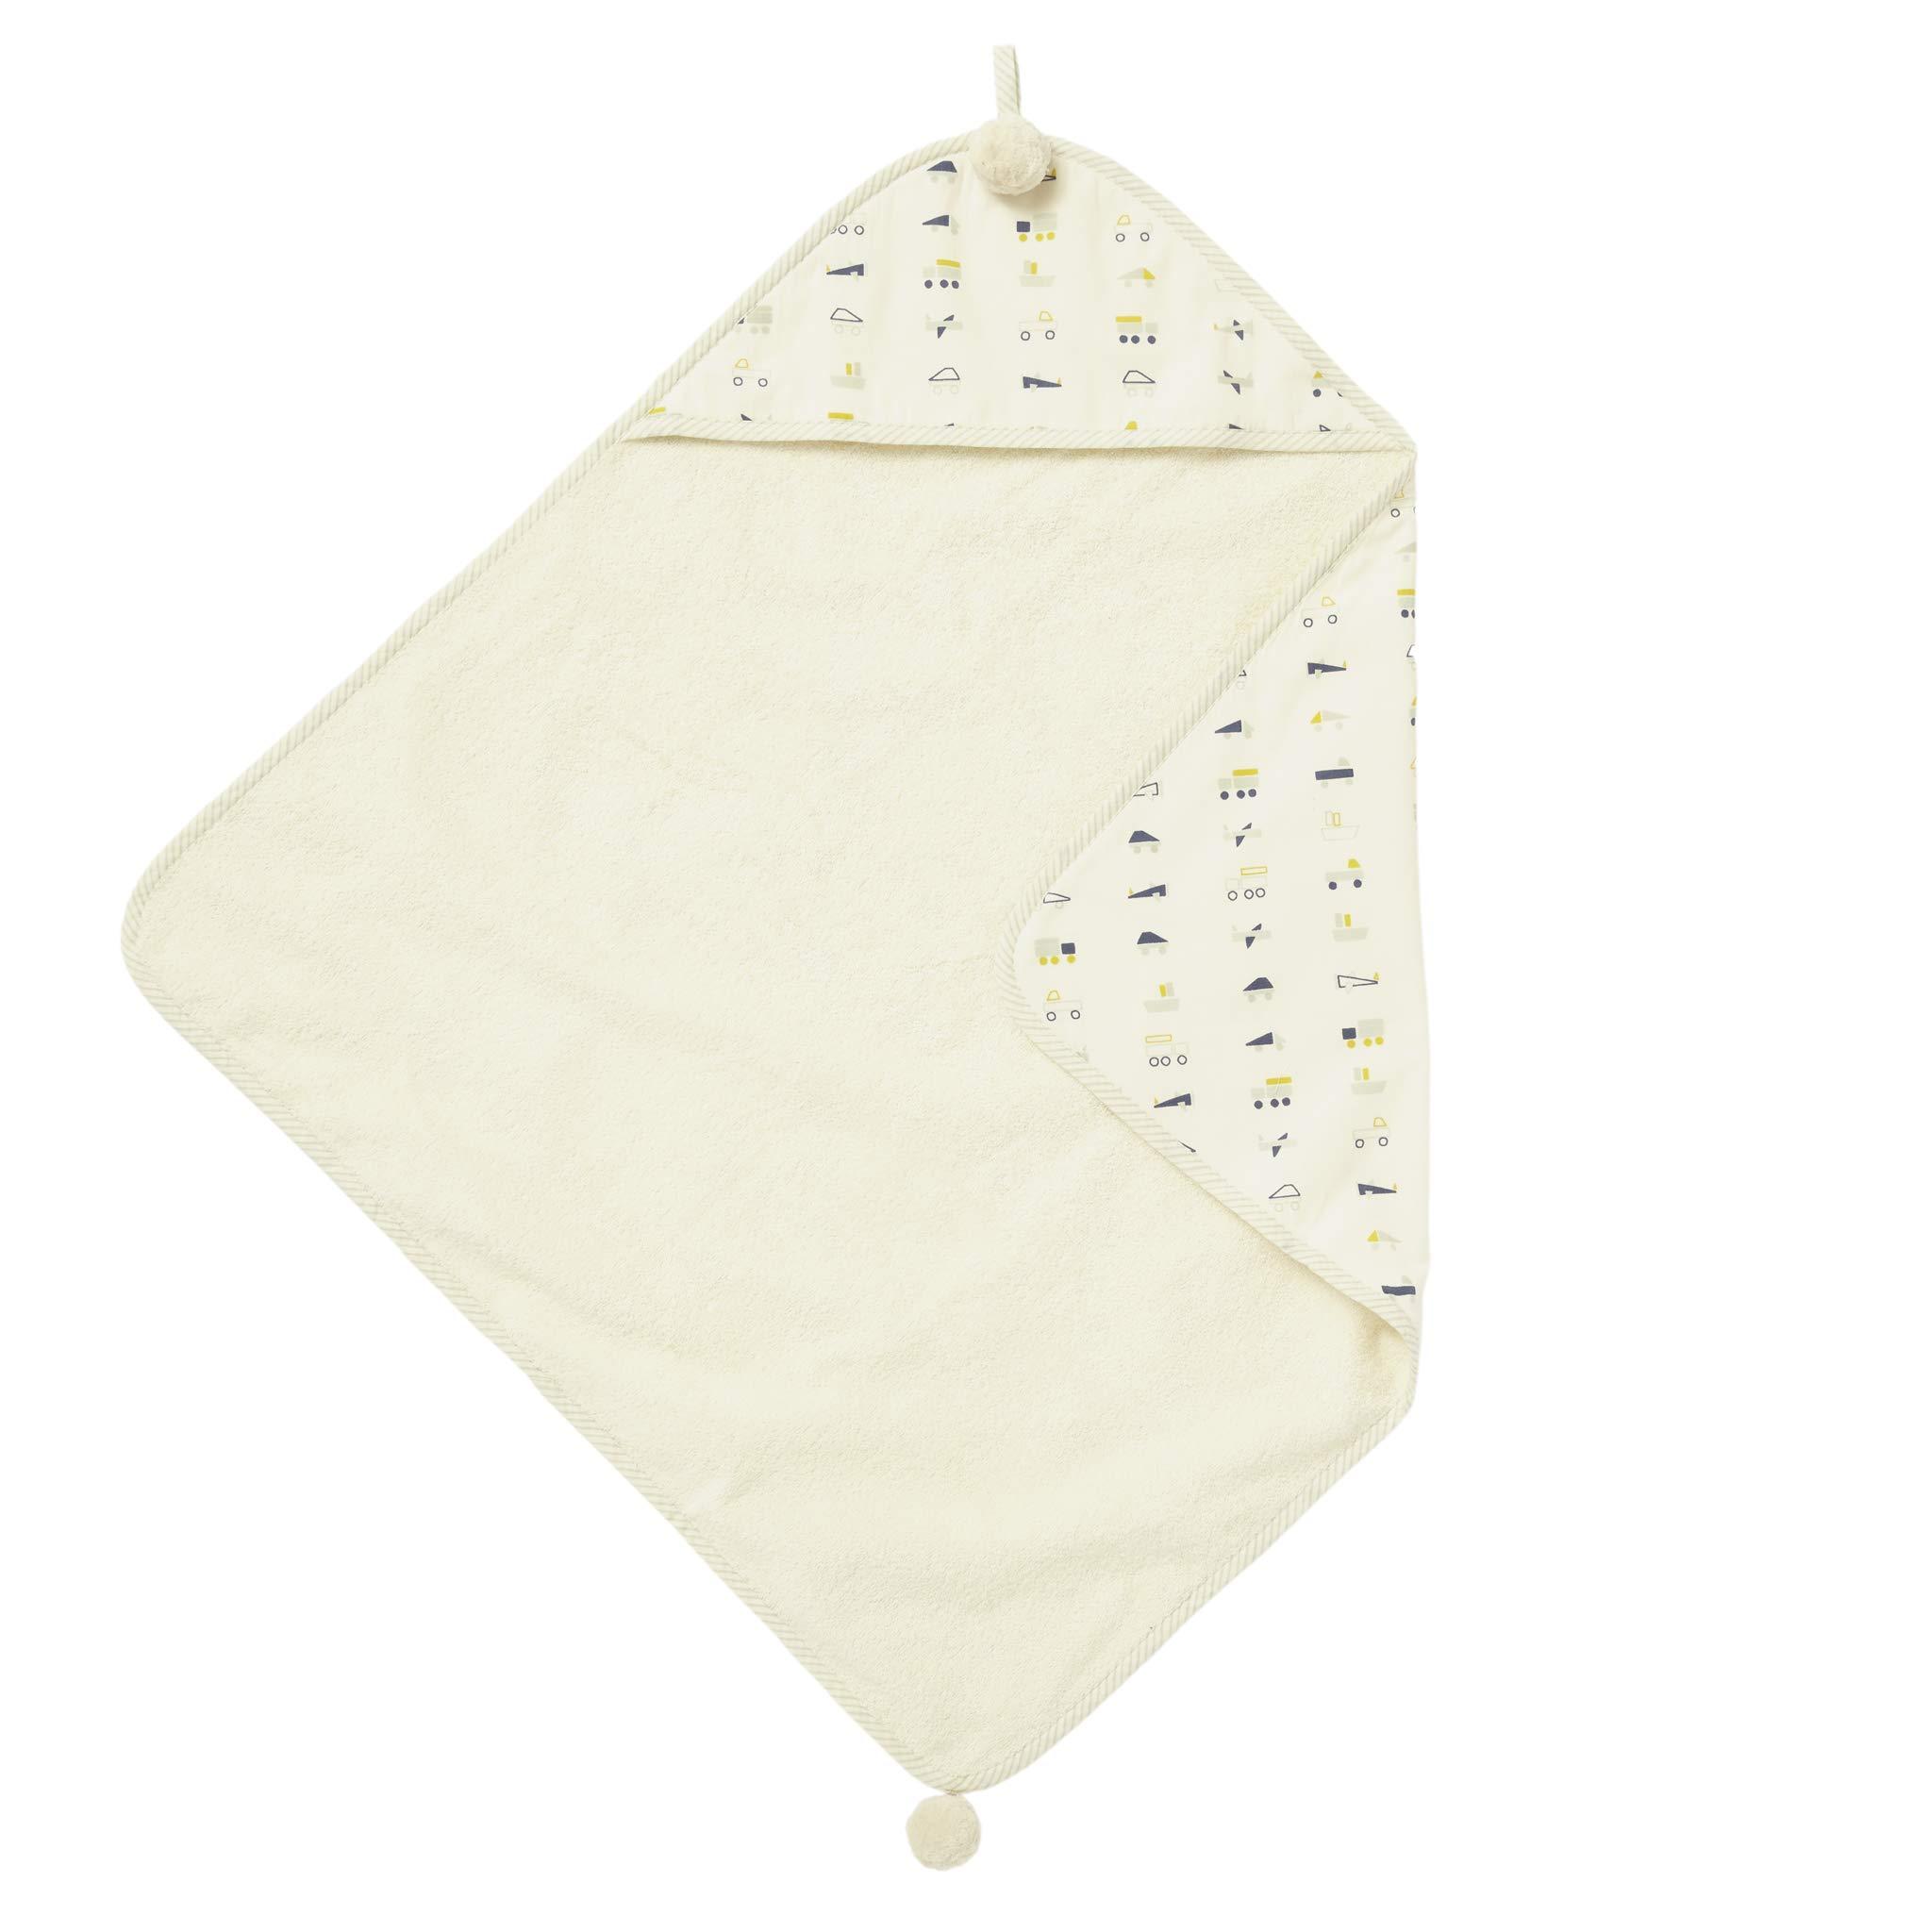 Pehr Traffic Jam Hooded Towel by PEHR